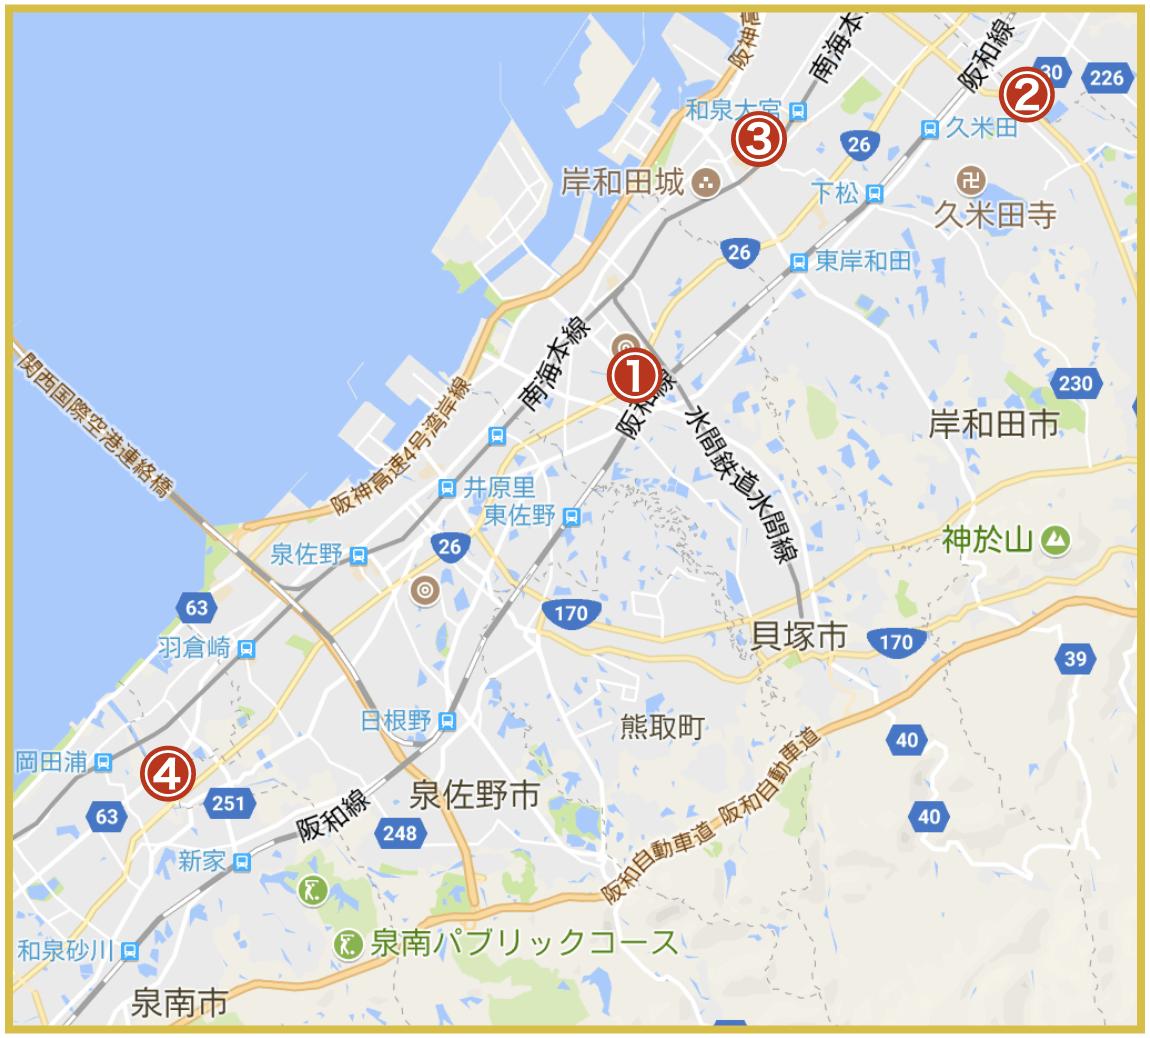 大阪府泉南地域にあるプロミス店舗・ATMの位置